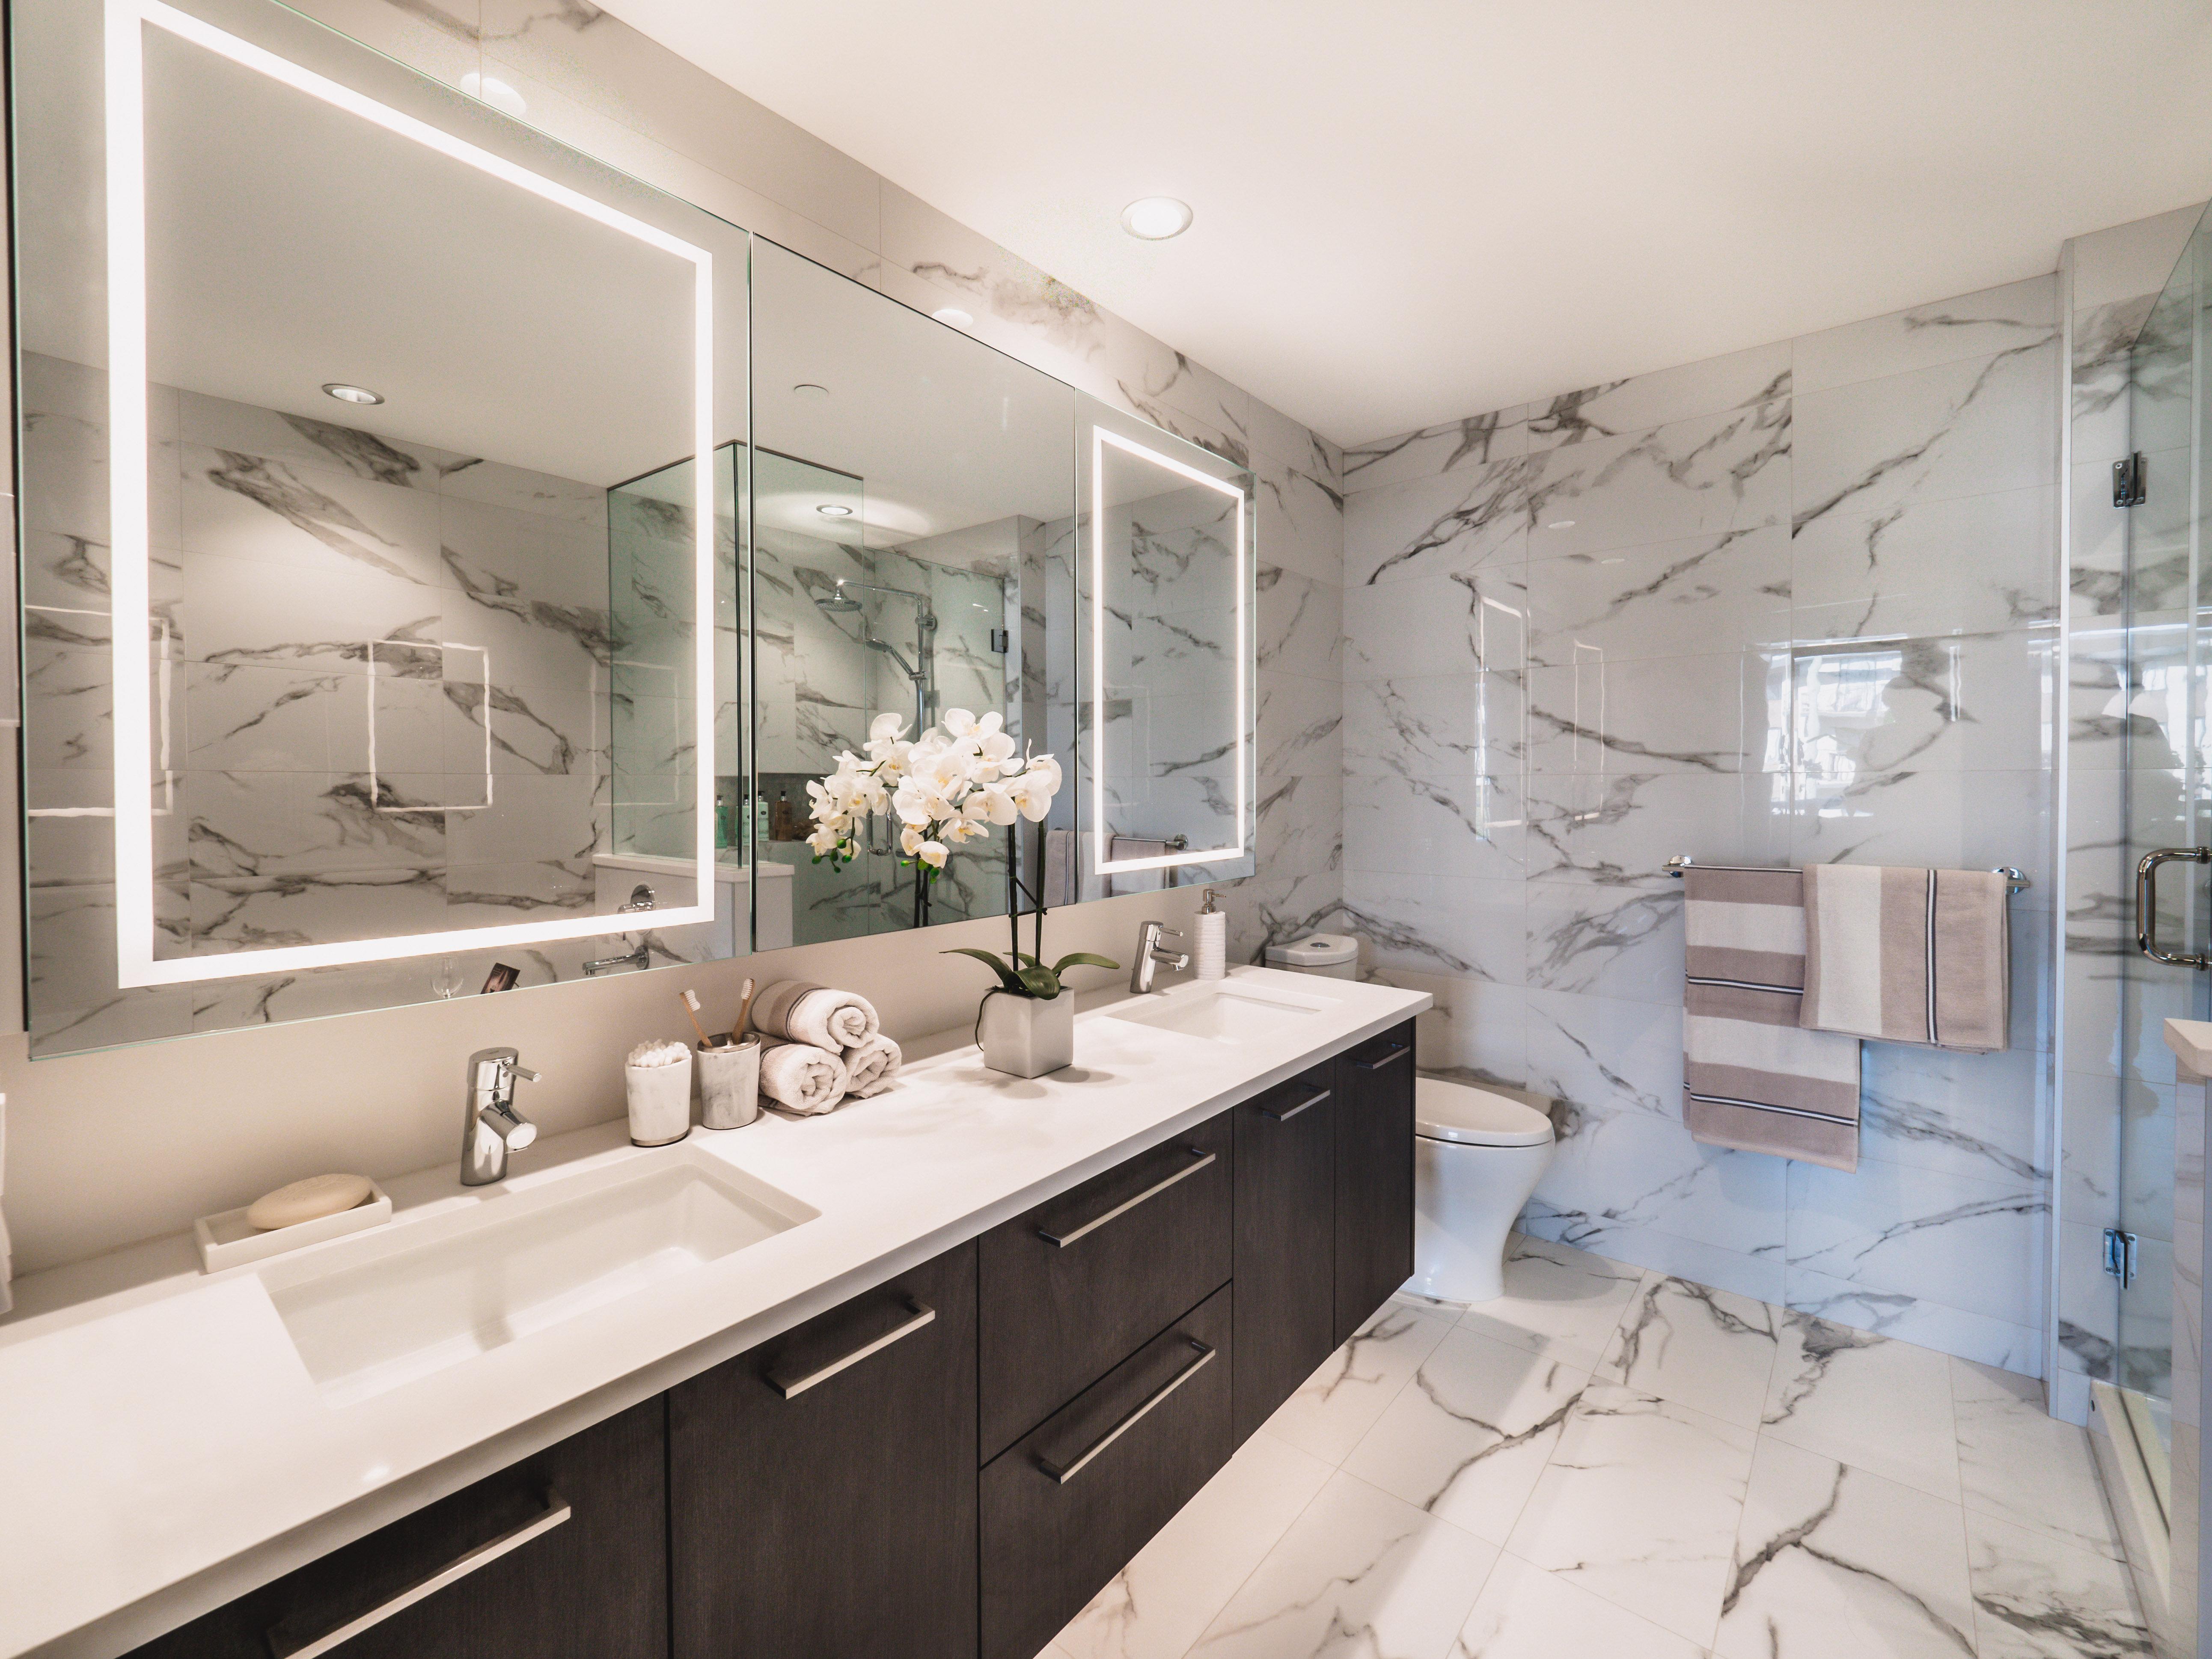 Bathroom - 6398 Silver Ave, Burnaby, BC V0V 0V0, Canada!